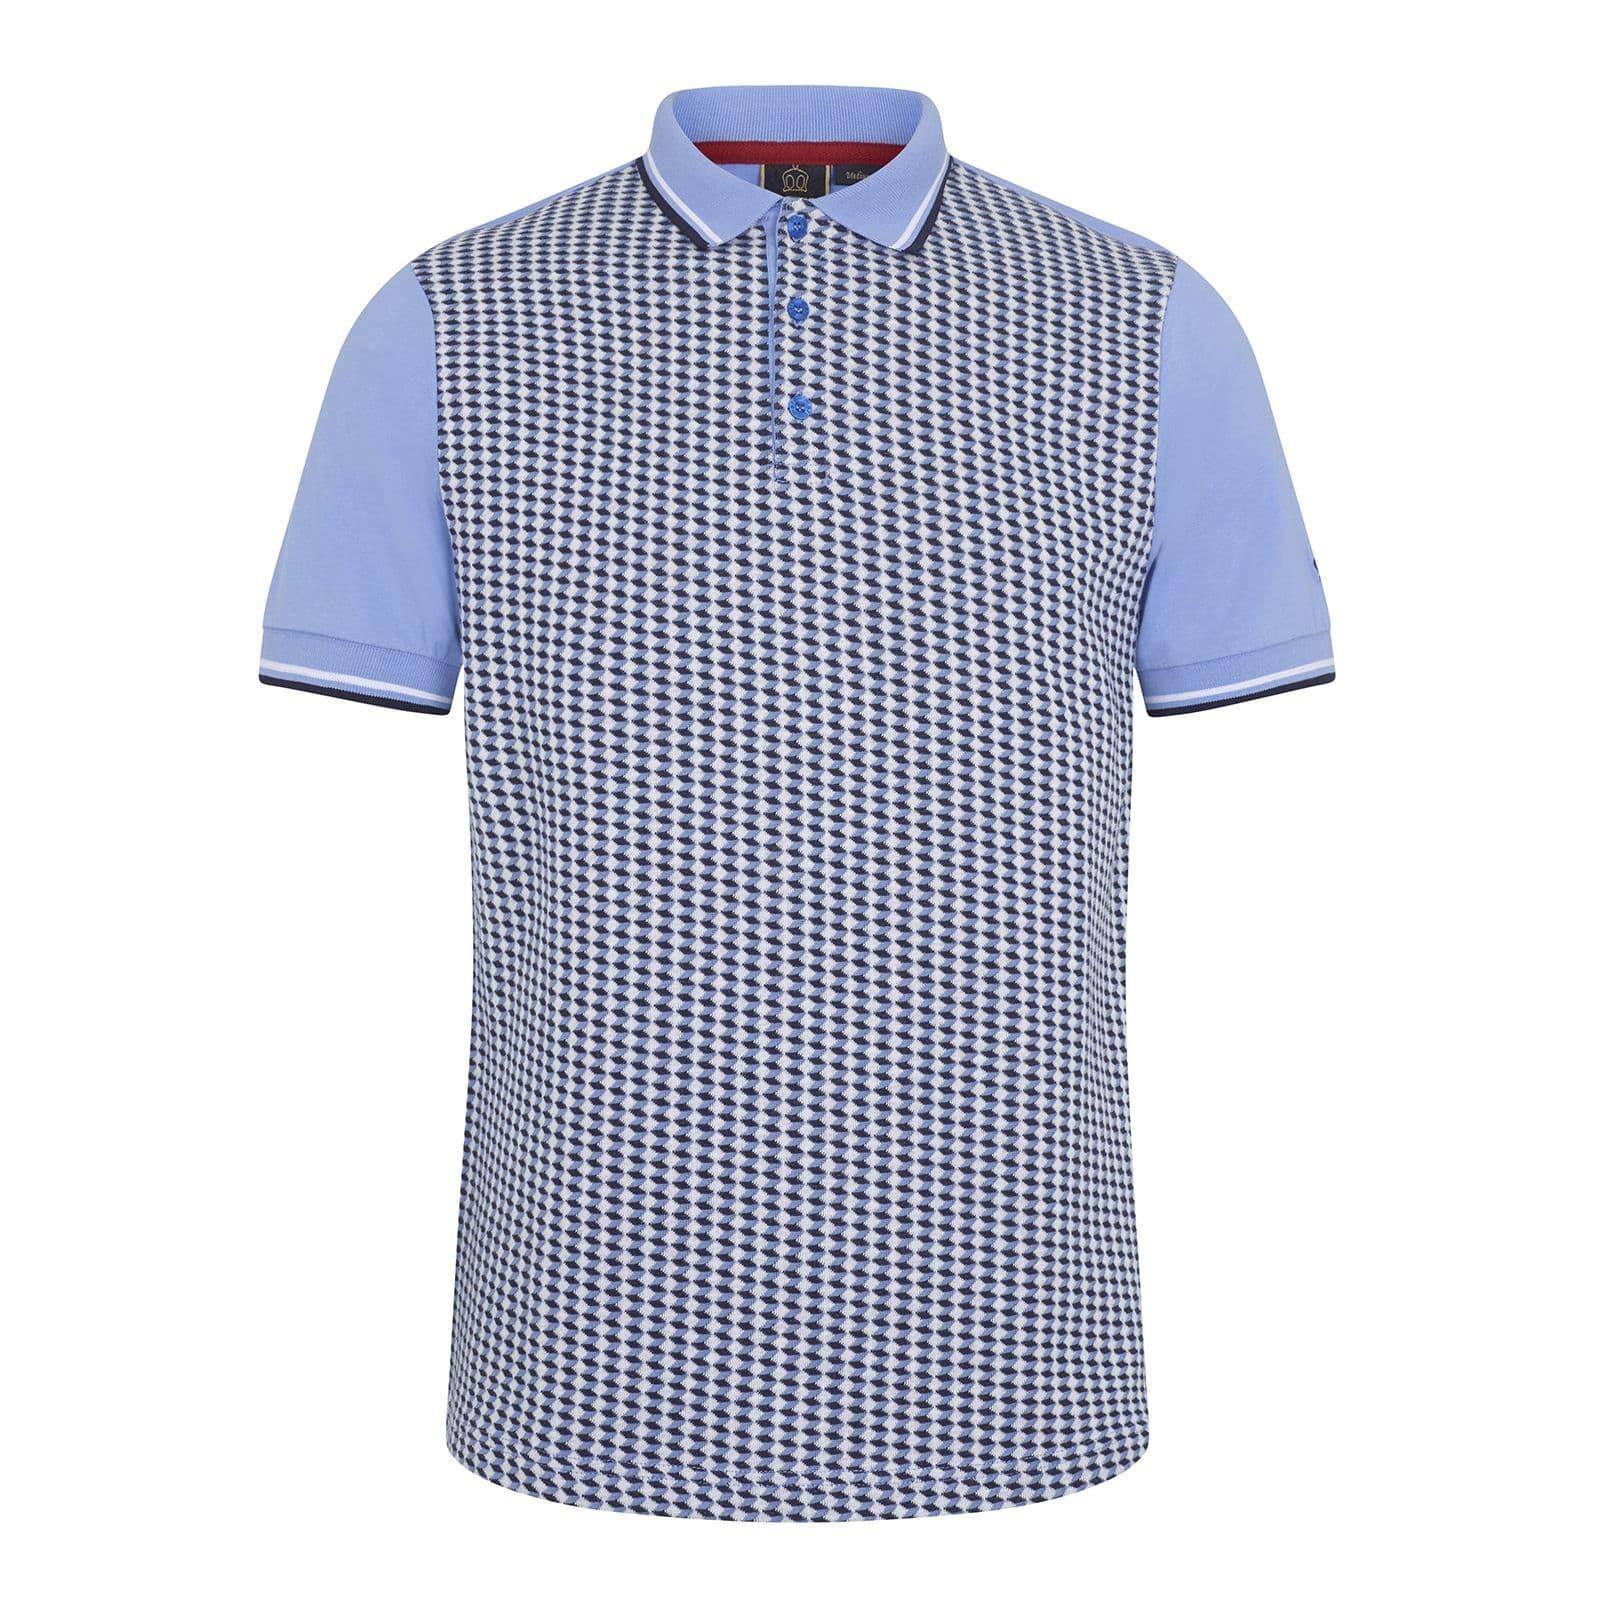 Рубашка Поло ManorПоло под заказ<br><br><br>Артикул: 1917204<br>Материал: 100% хлопок<br>Цвет: голубой<br>Пол: Мужской